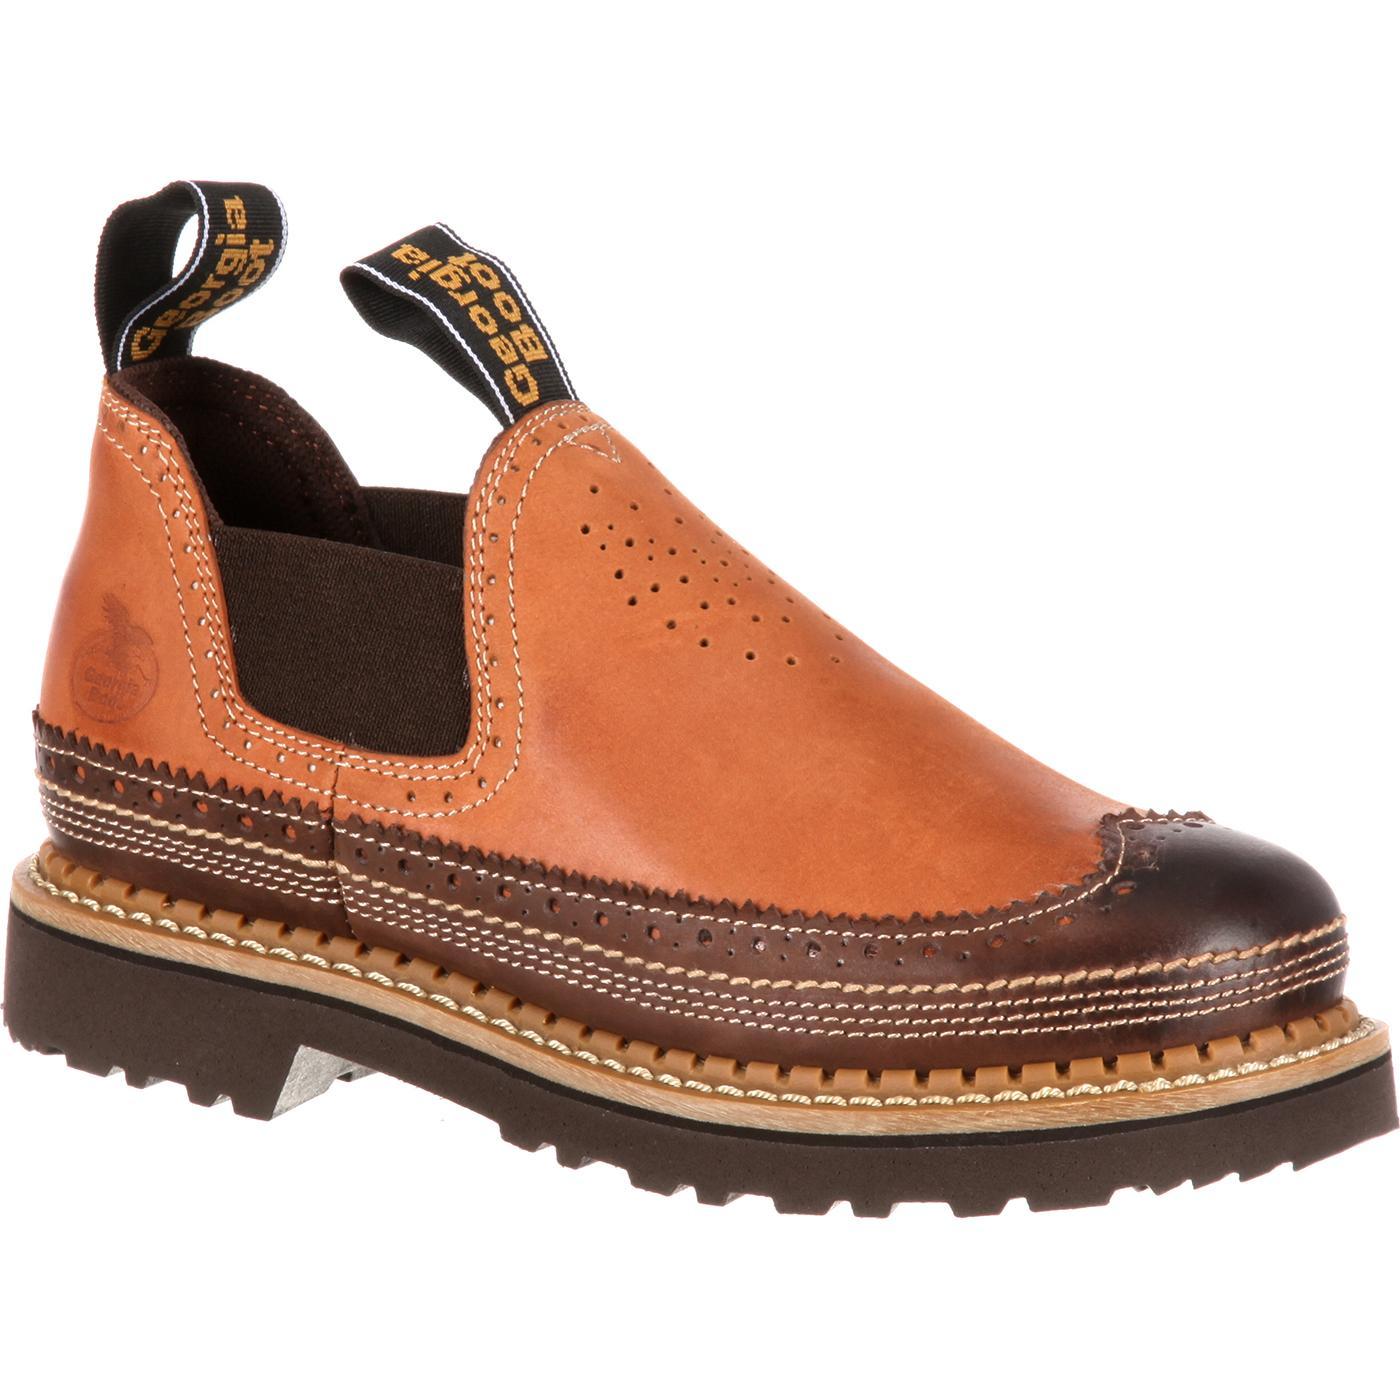 641df8f48e1 Georgia Giant Women's Romeo Work Shoe